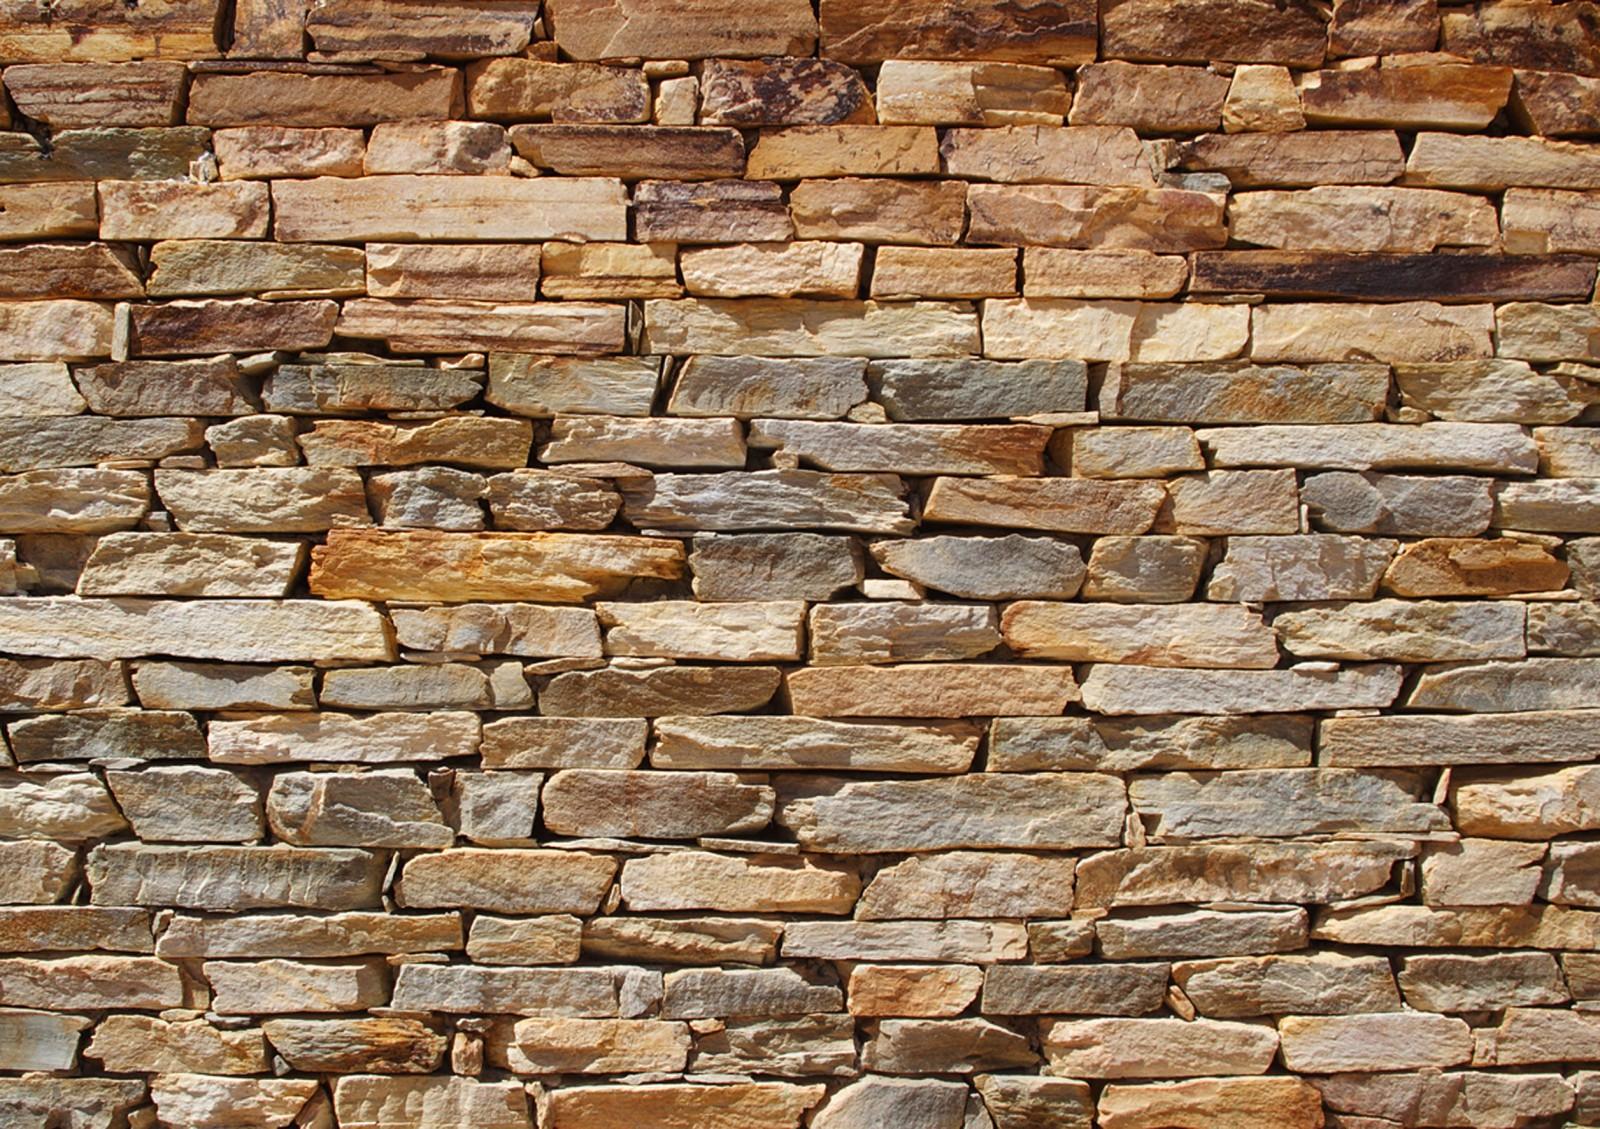 Fototapete Tapete Steinmauer Stein Steinwand 360x254cm